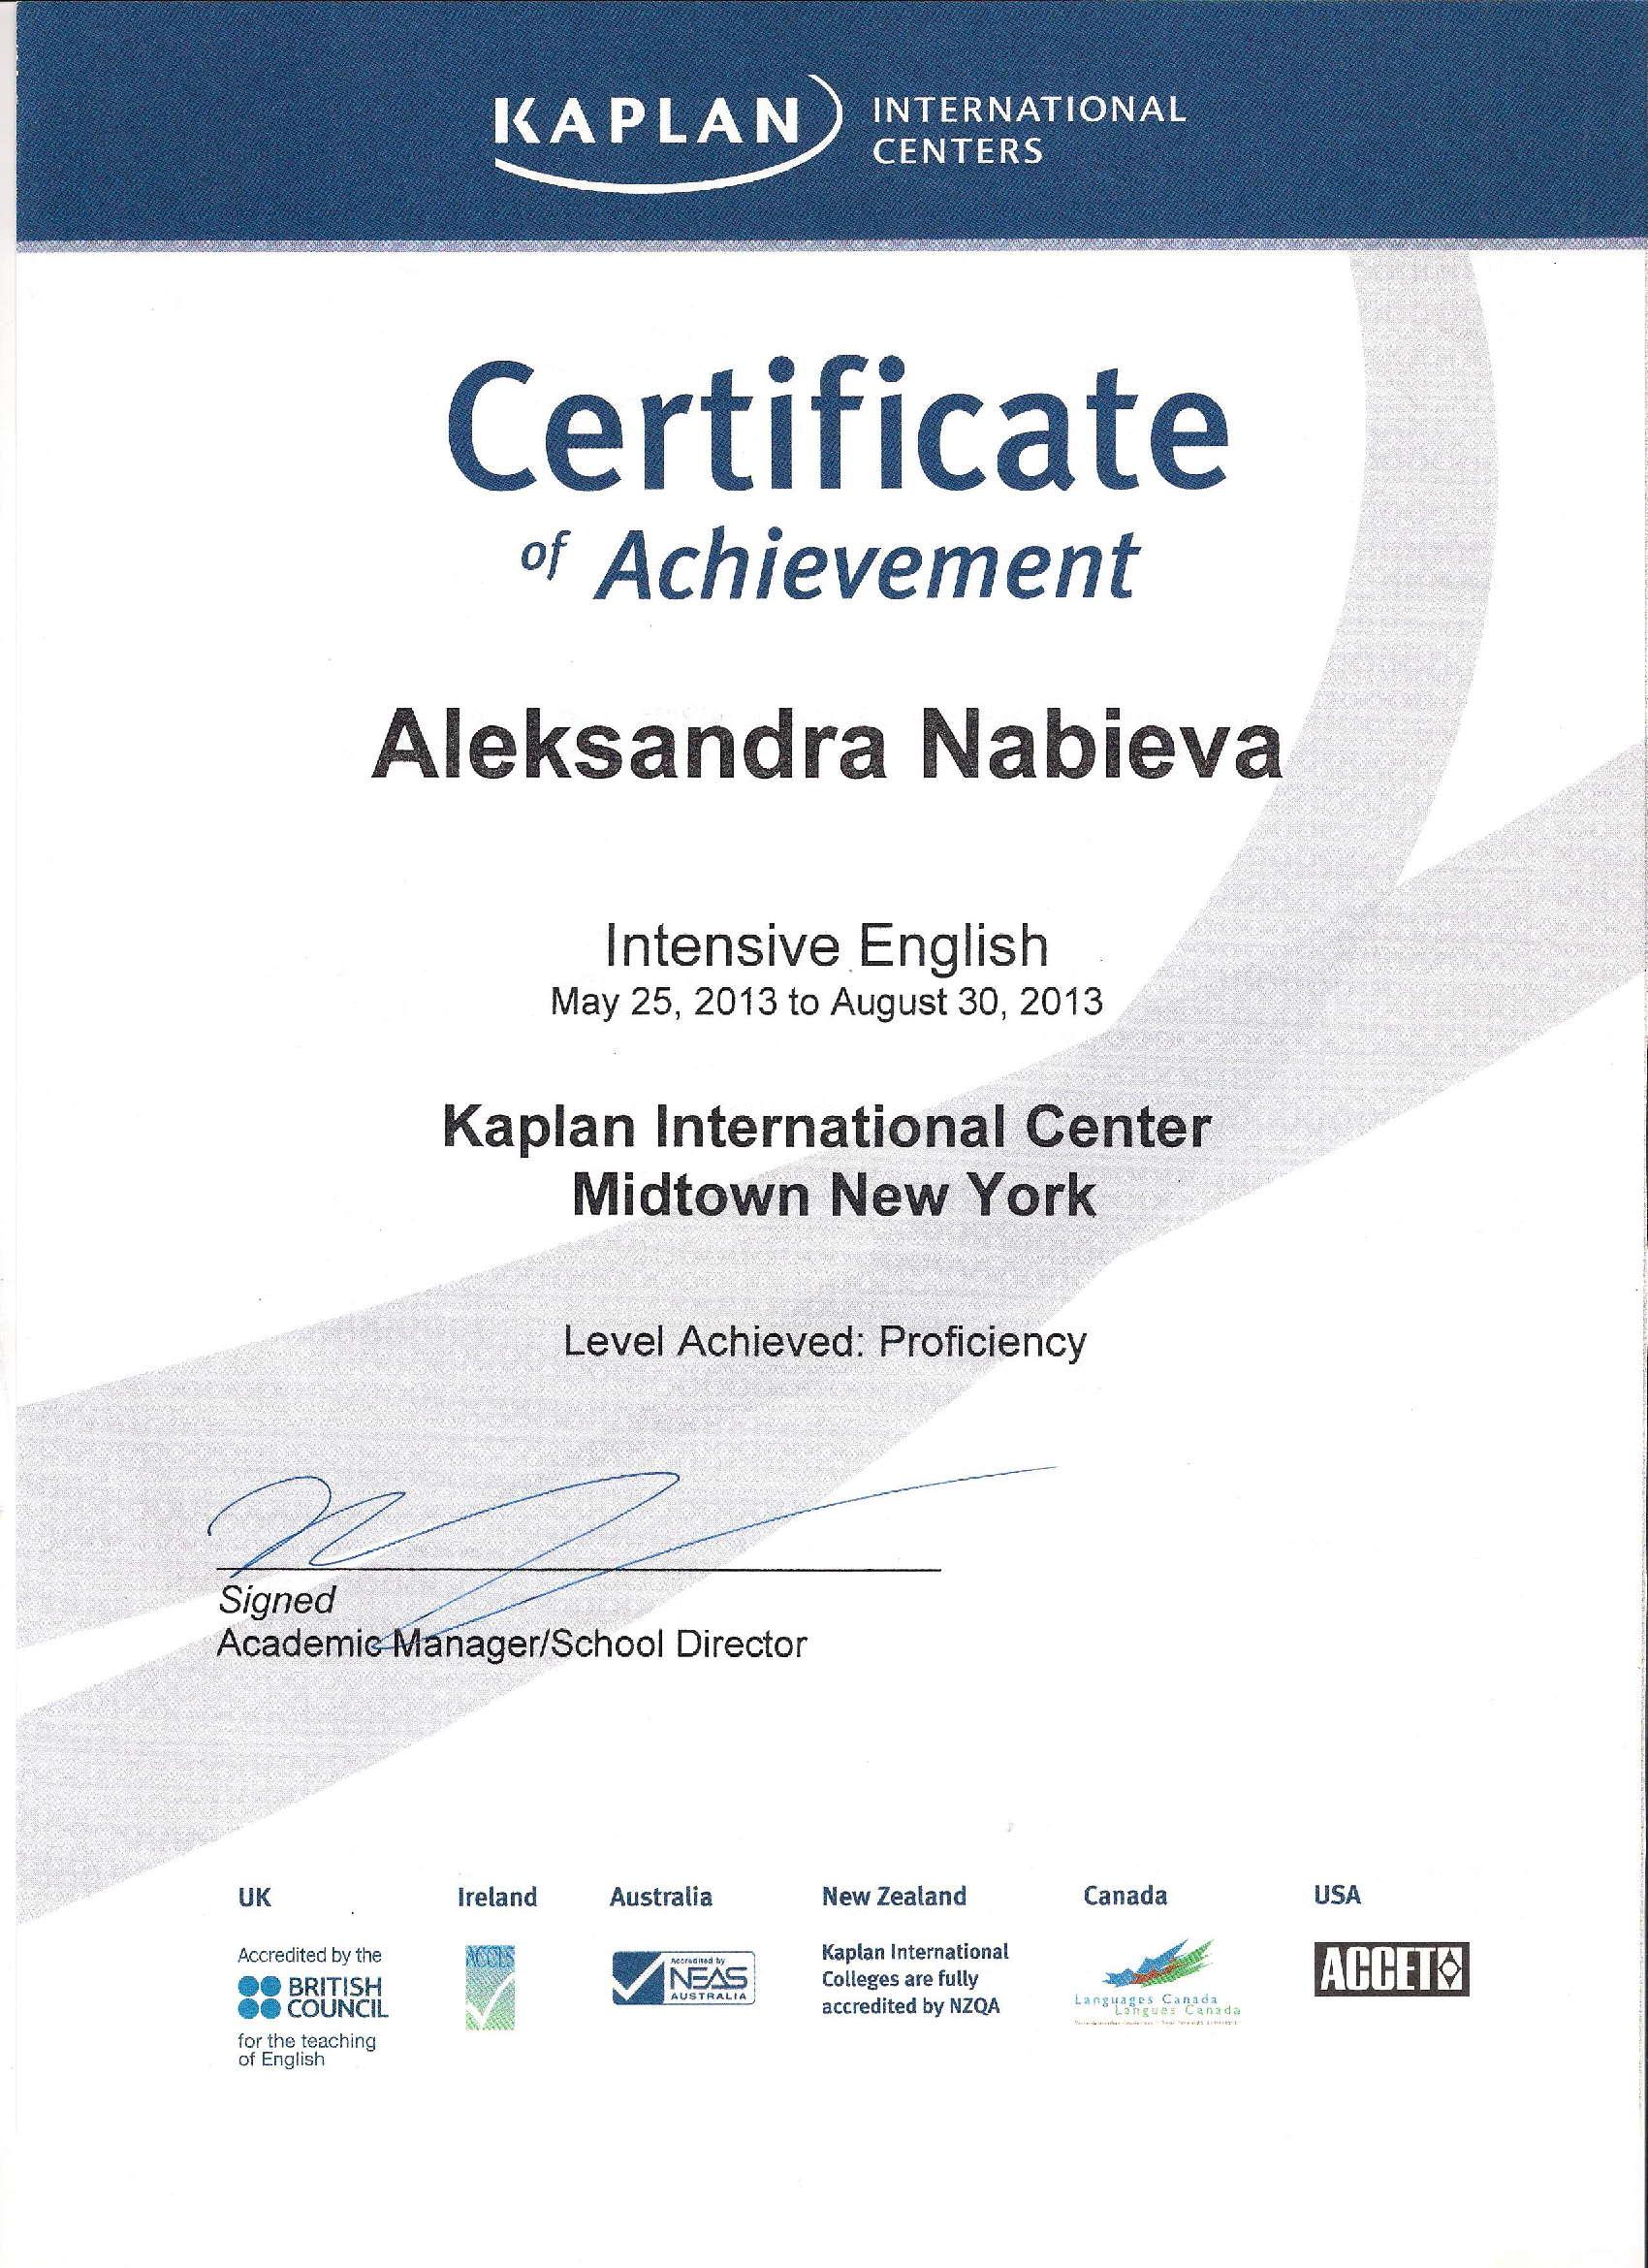 Сертификат обучения в Нью-Йорке